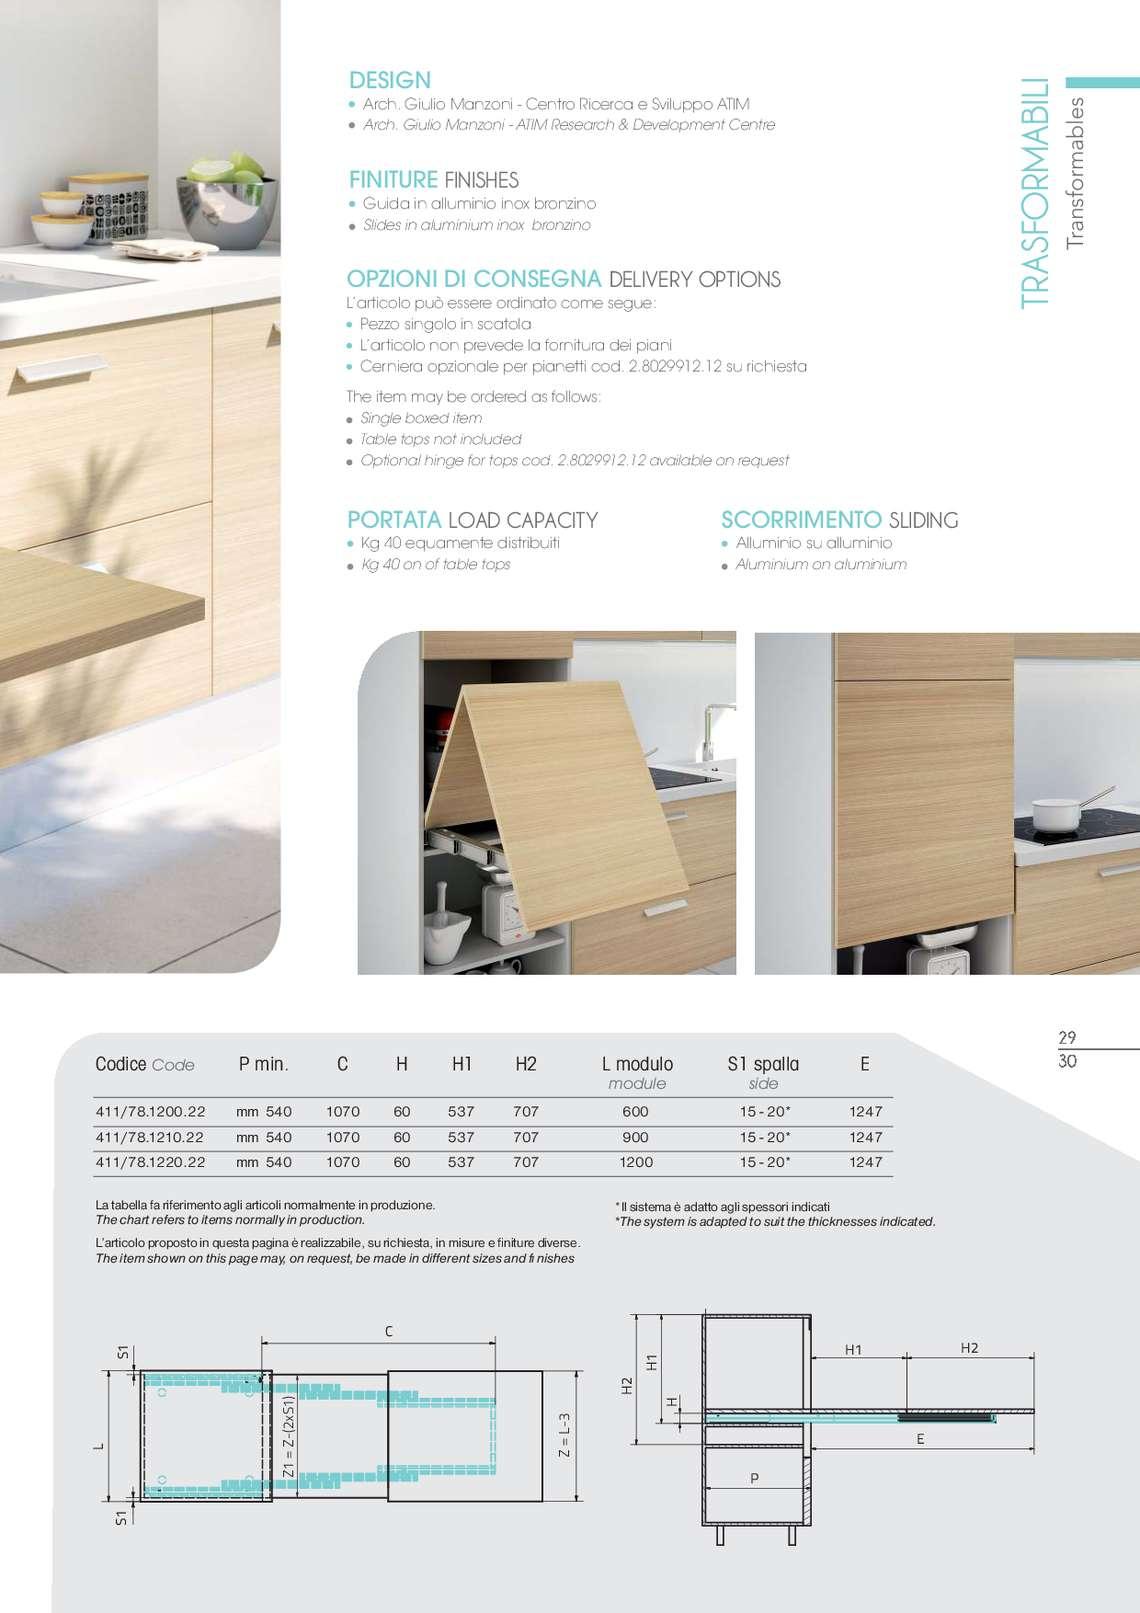 catalogo-trasformabili-atim_22_034.jpg